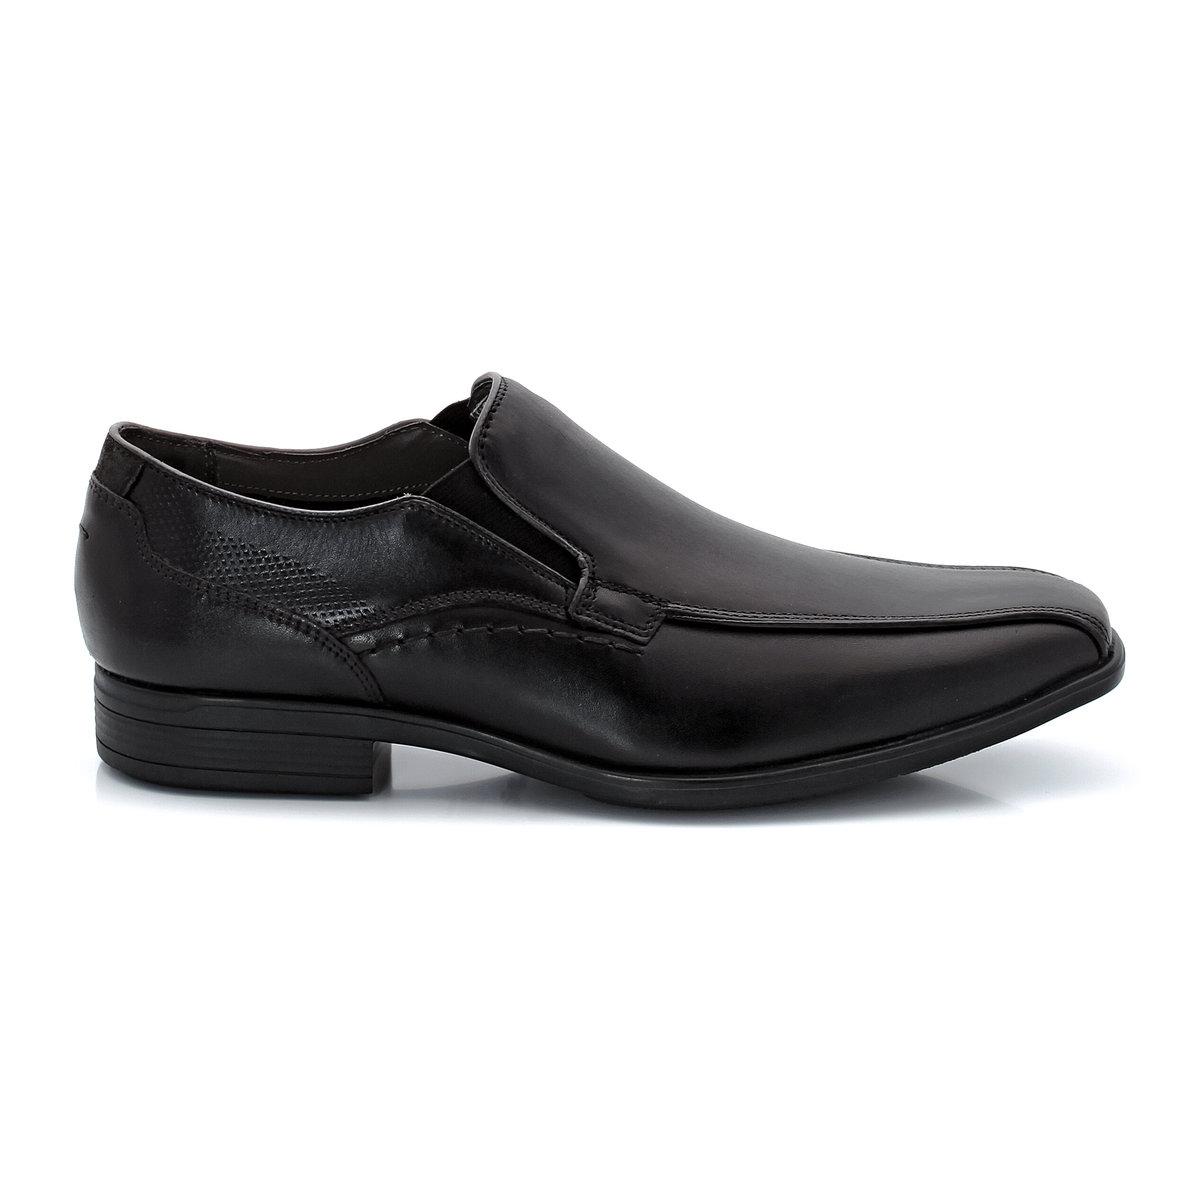 Ботинки-дерби из кожиЯркая и привлекательная модель на пике моды.<br><br>Цвет: черный<br>Размер: 40